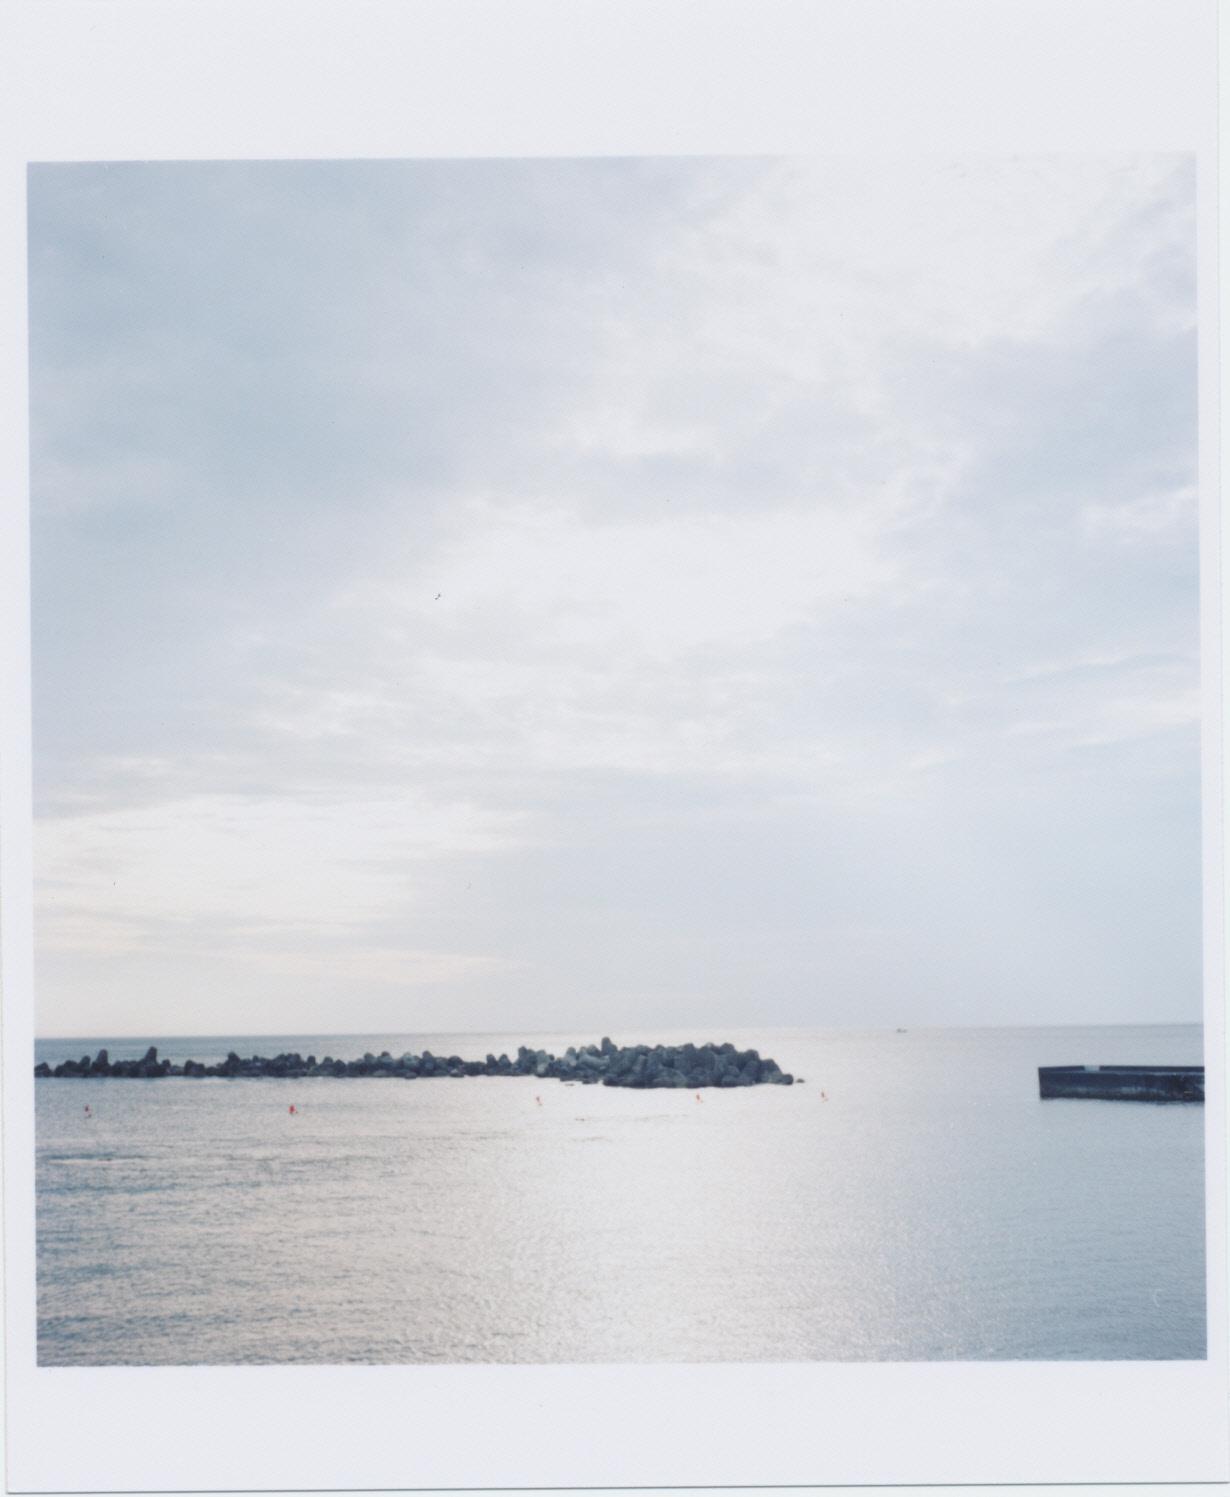 梅雨の八丈島の海02